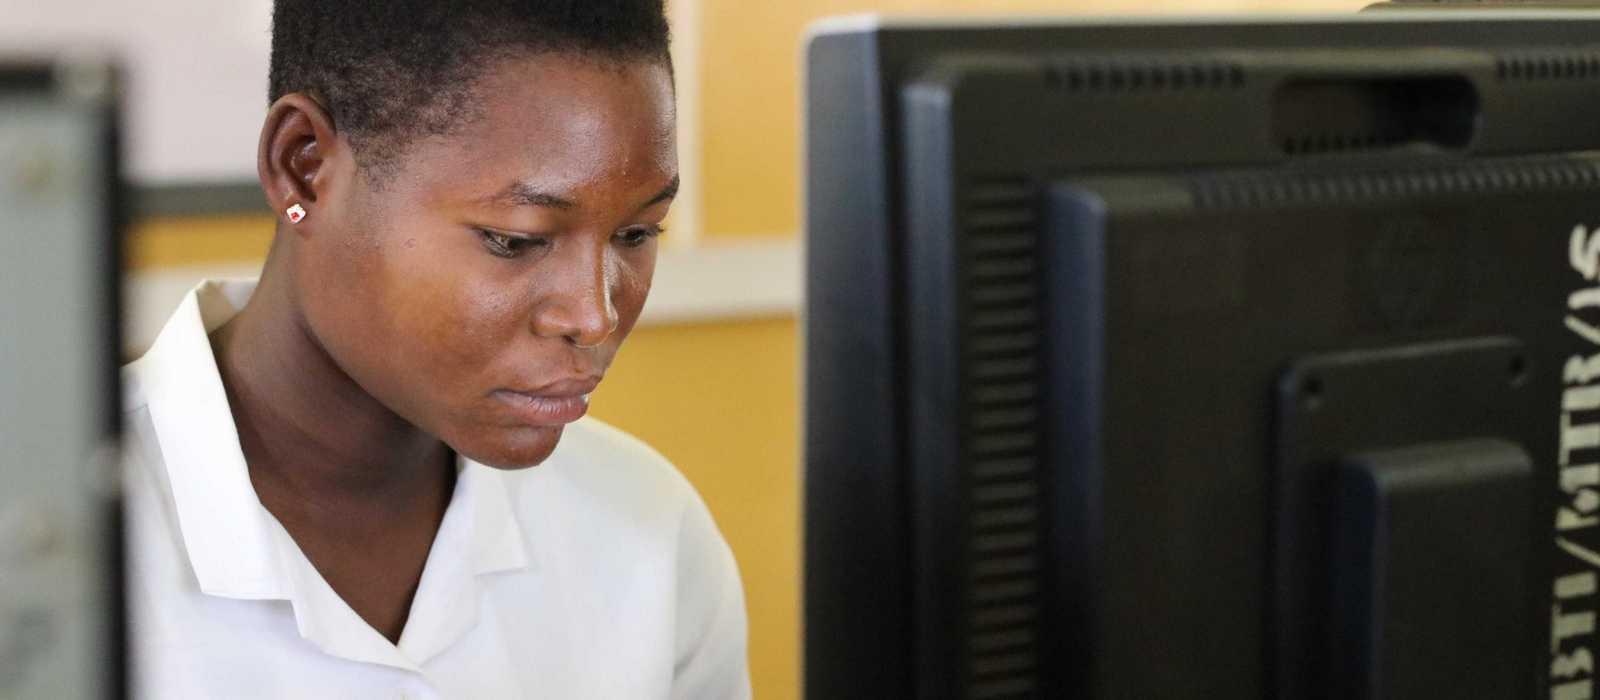 Mädchen sitzt hinter einem Computer-Bildschirm